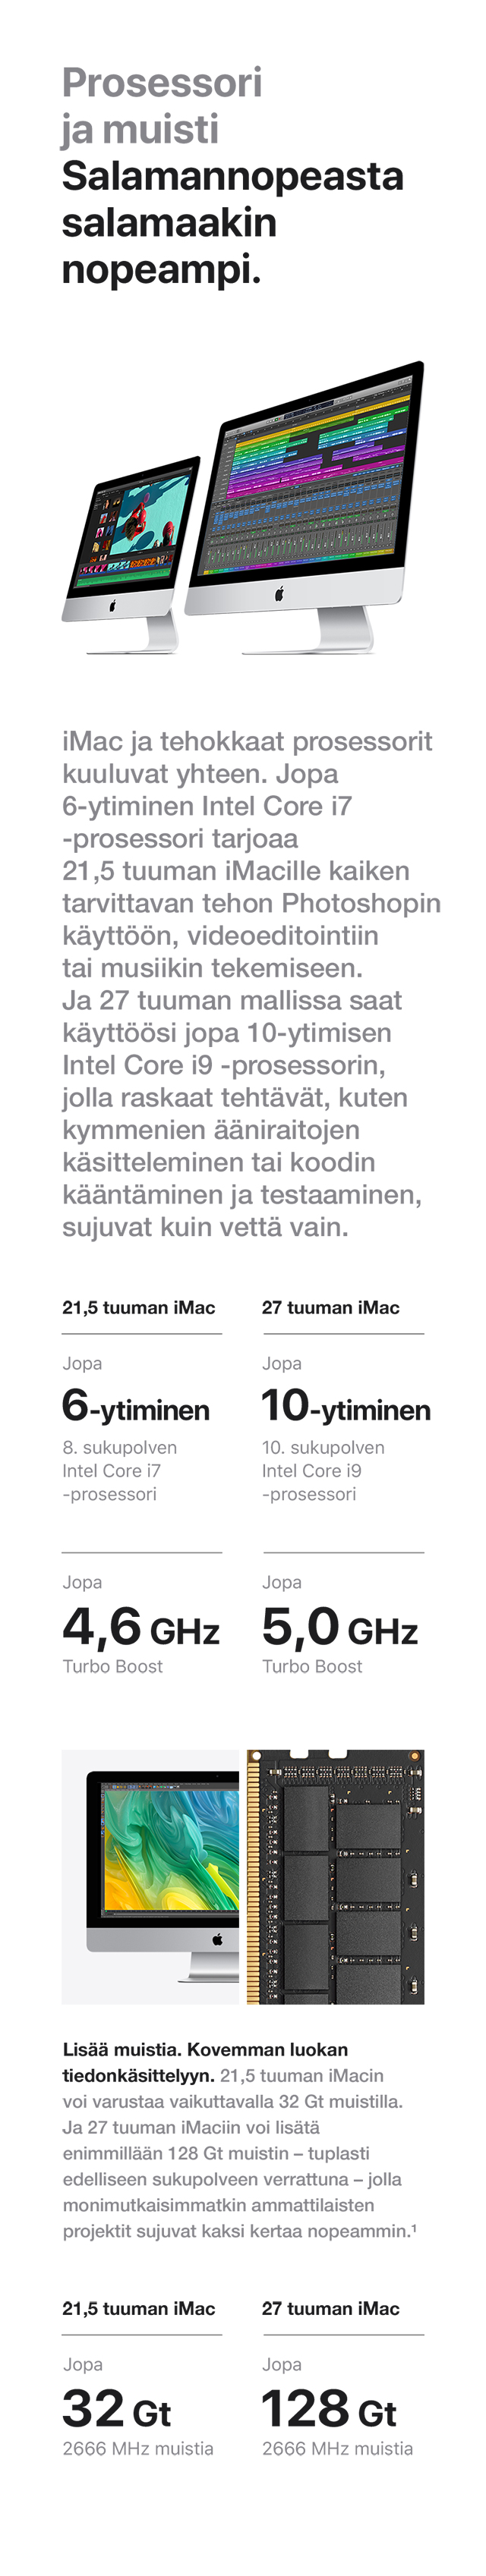 27 tuuman iMac tarjoaa käyttöösi jopa 10-ytimisen Intel Core i9 ‑prosessorin, jonka avulla jopa raskaiden ohjelmien pyörittäminen käy kuin leikki. 21,5 tuuman iMacissa jopa 6-ytiminen Intel Core i7 ‑prosessori.